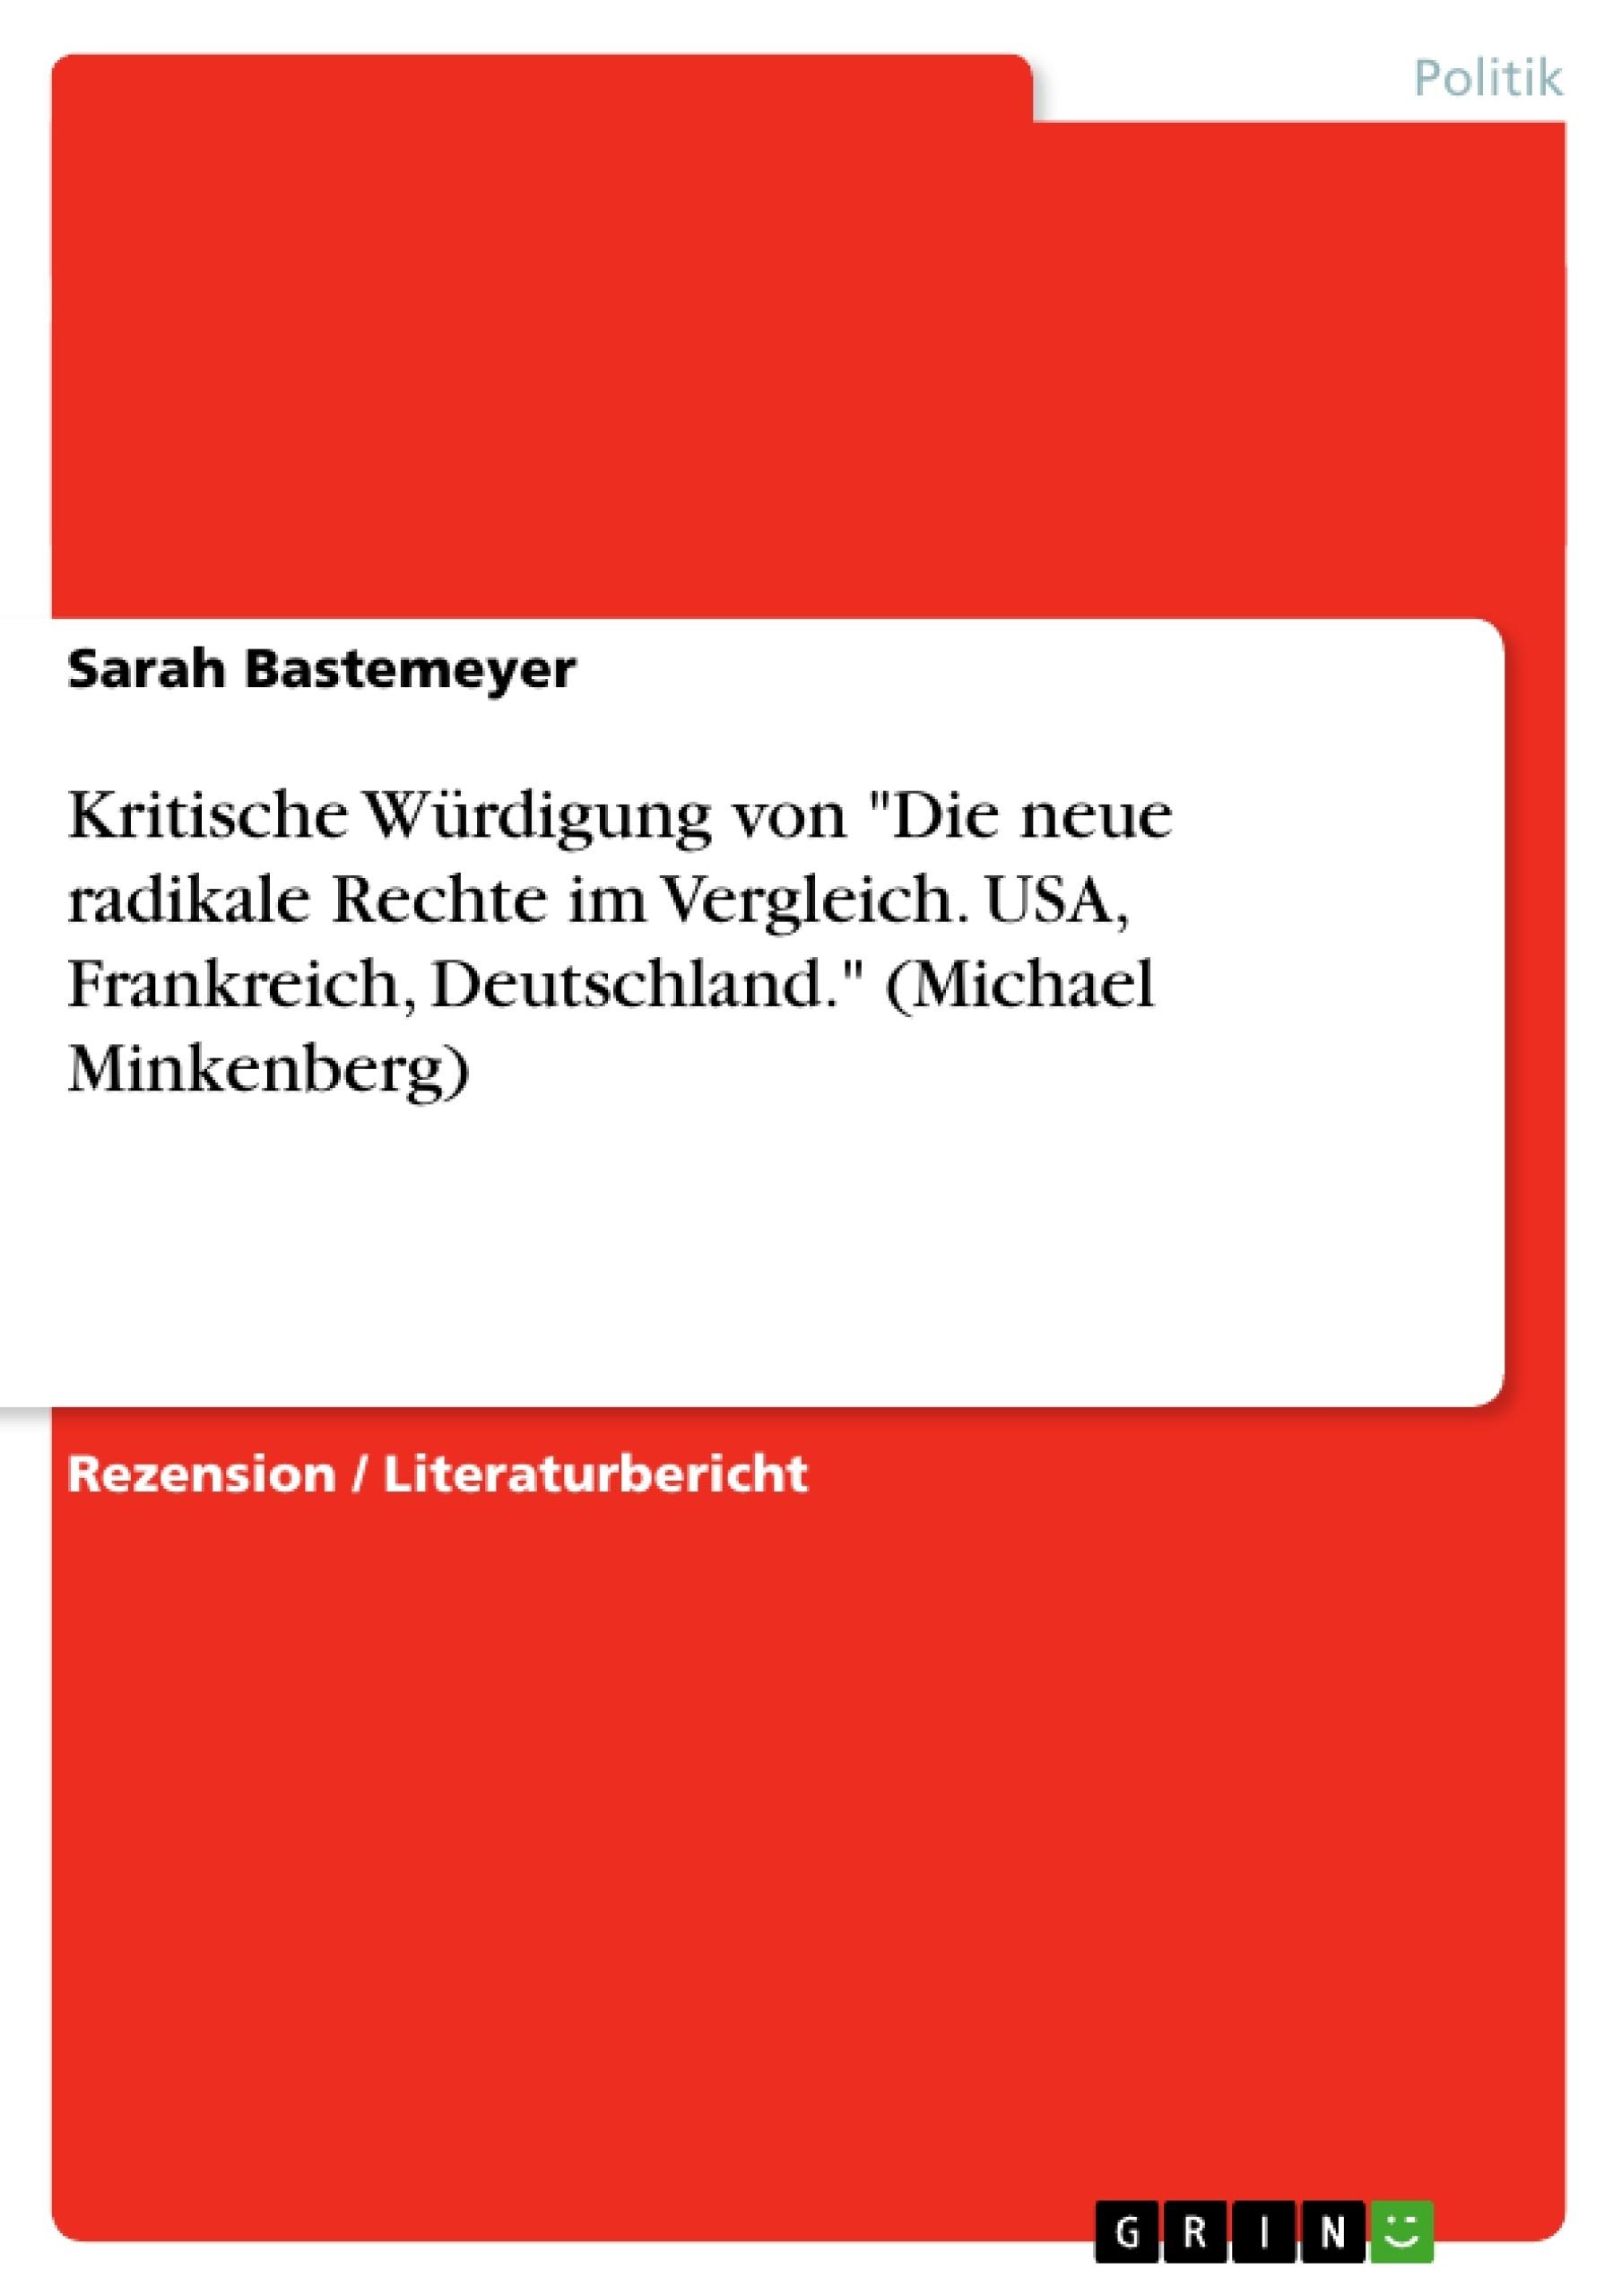 """Titel: Kritische Würdigung von """"Die neue radikale Rechte im Vergleich. USA, Frankreich, Deutschland."""" (Michael Minkenberg)"""